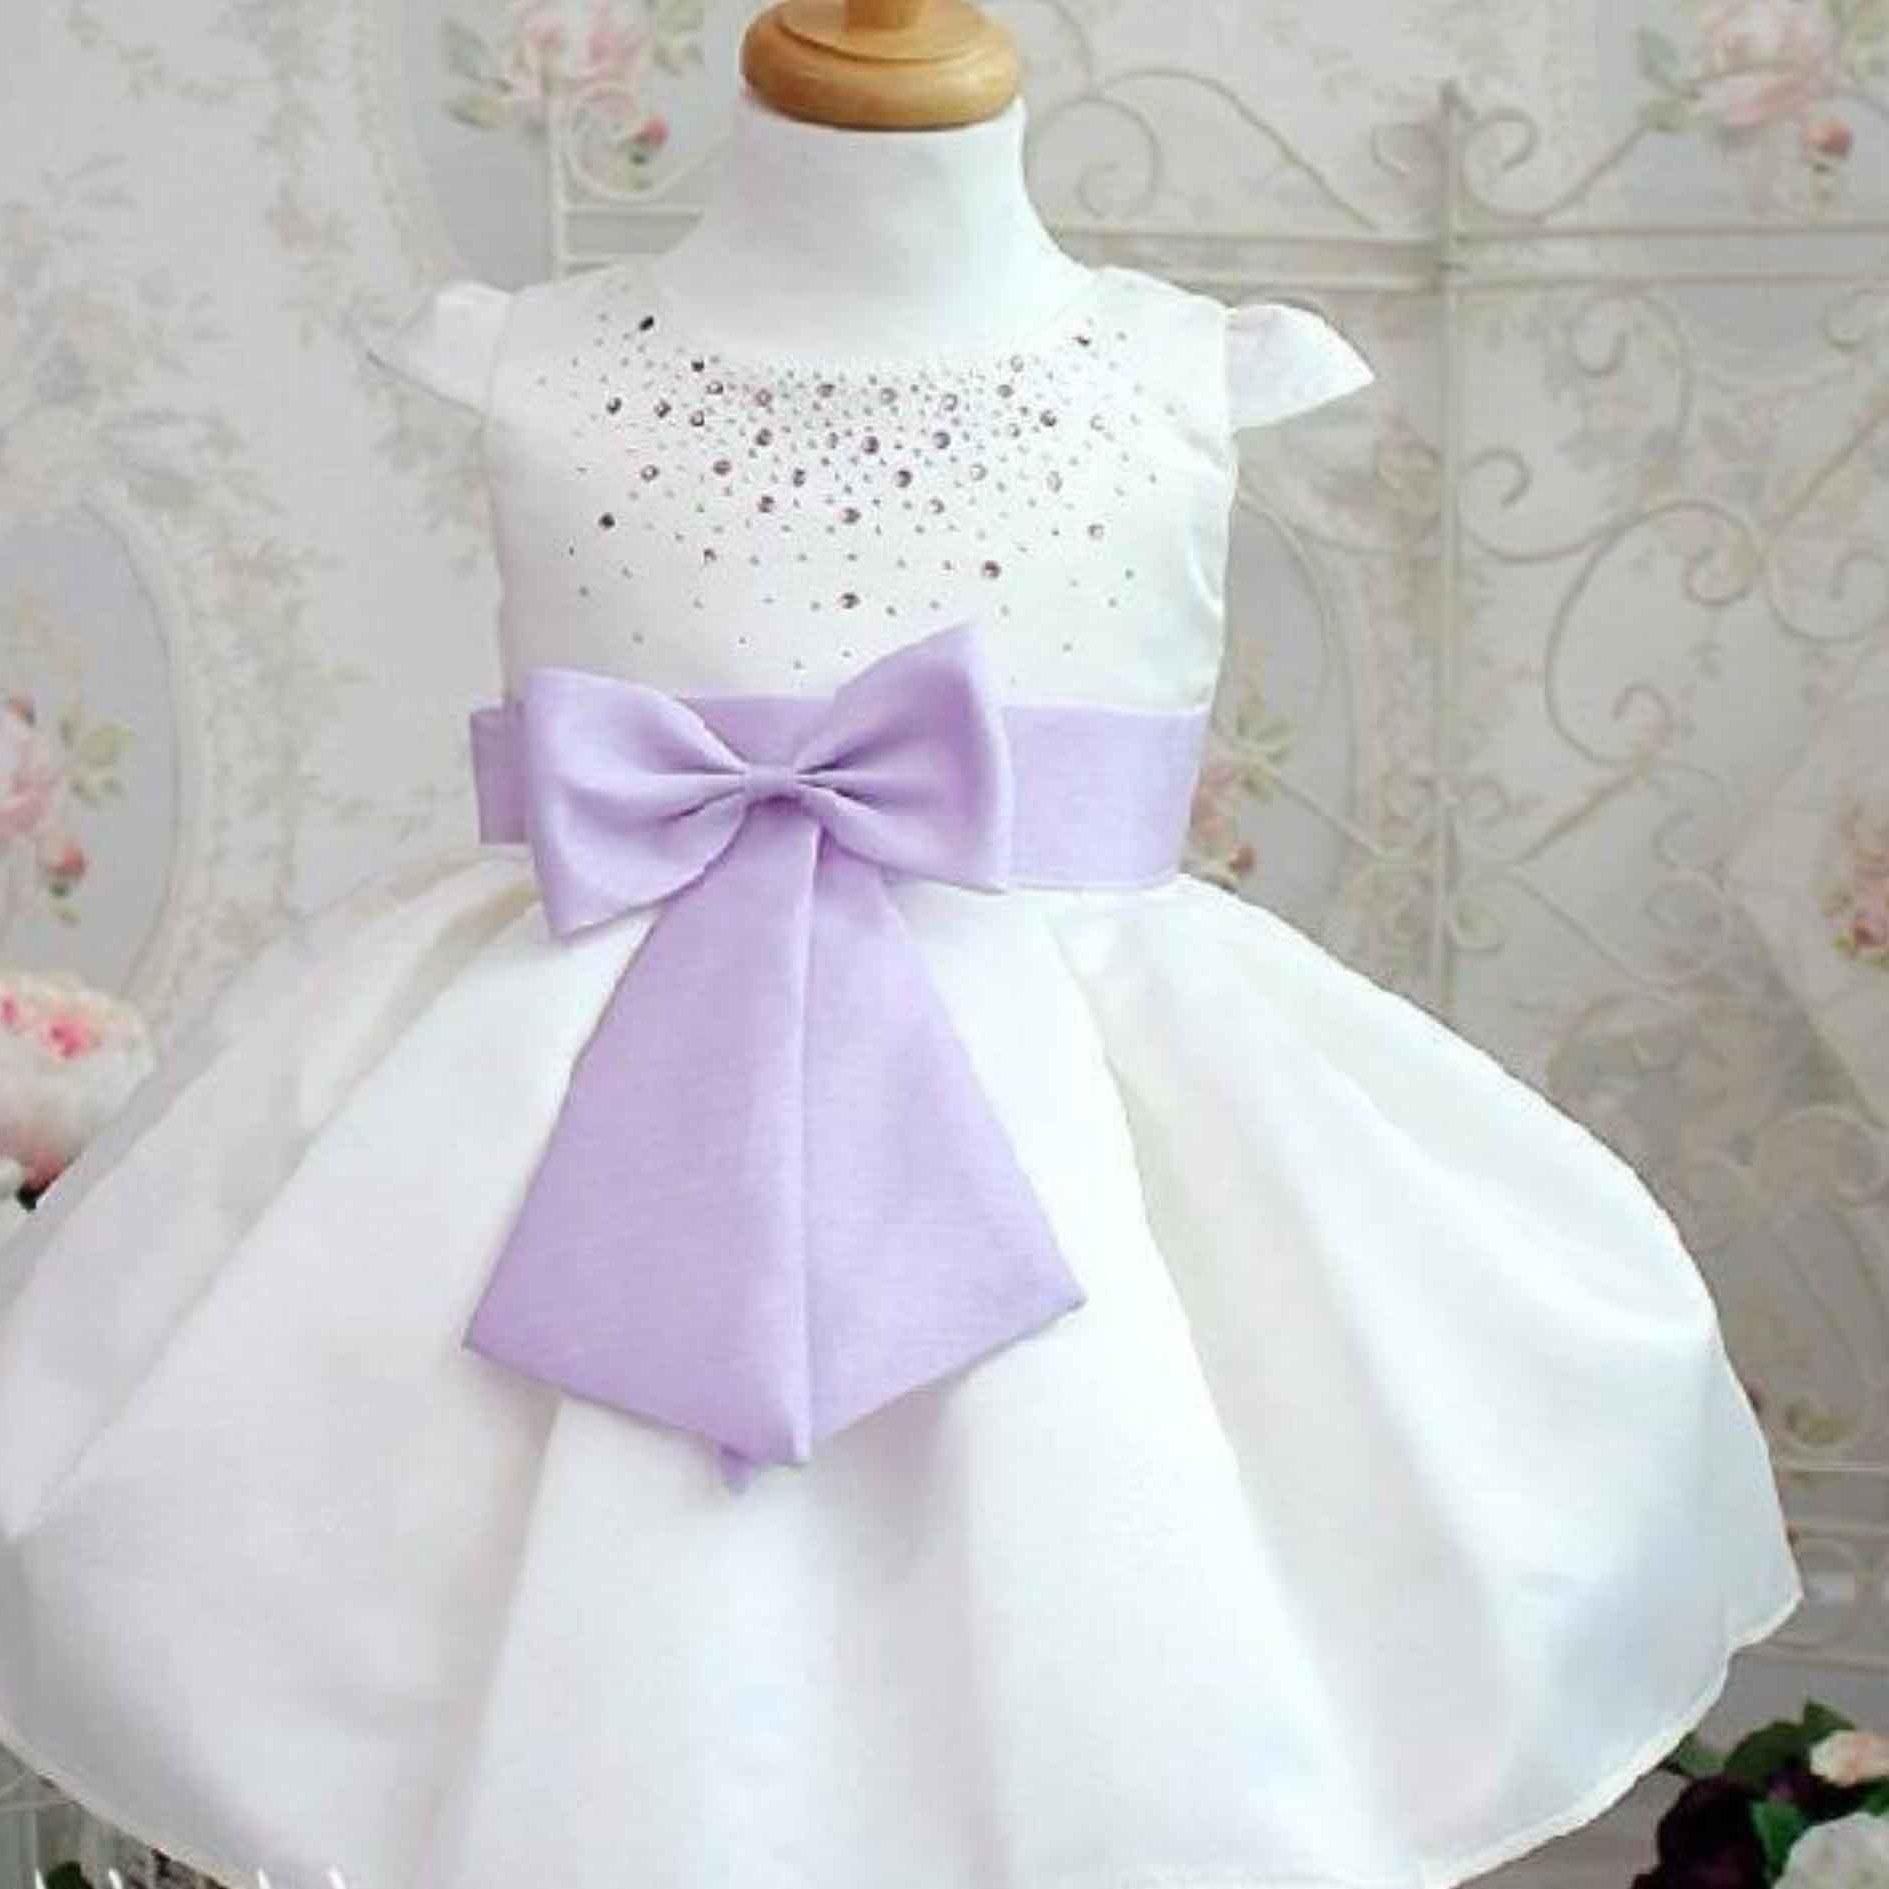 Bentuk Baju Lebaran Anak Umur 12 Tahun Qwdq 7 Referensi Tentang Harga Baju Bayi Perempuan 6 Bulan